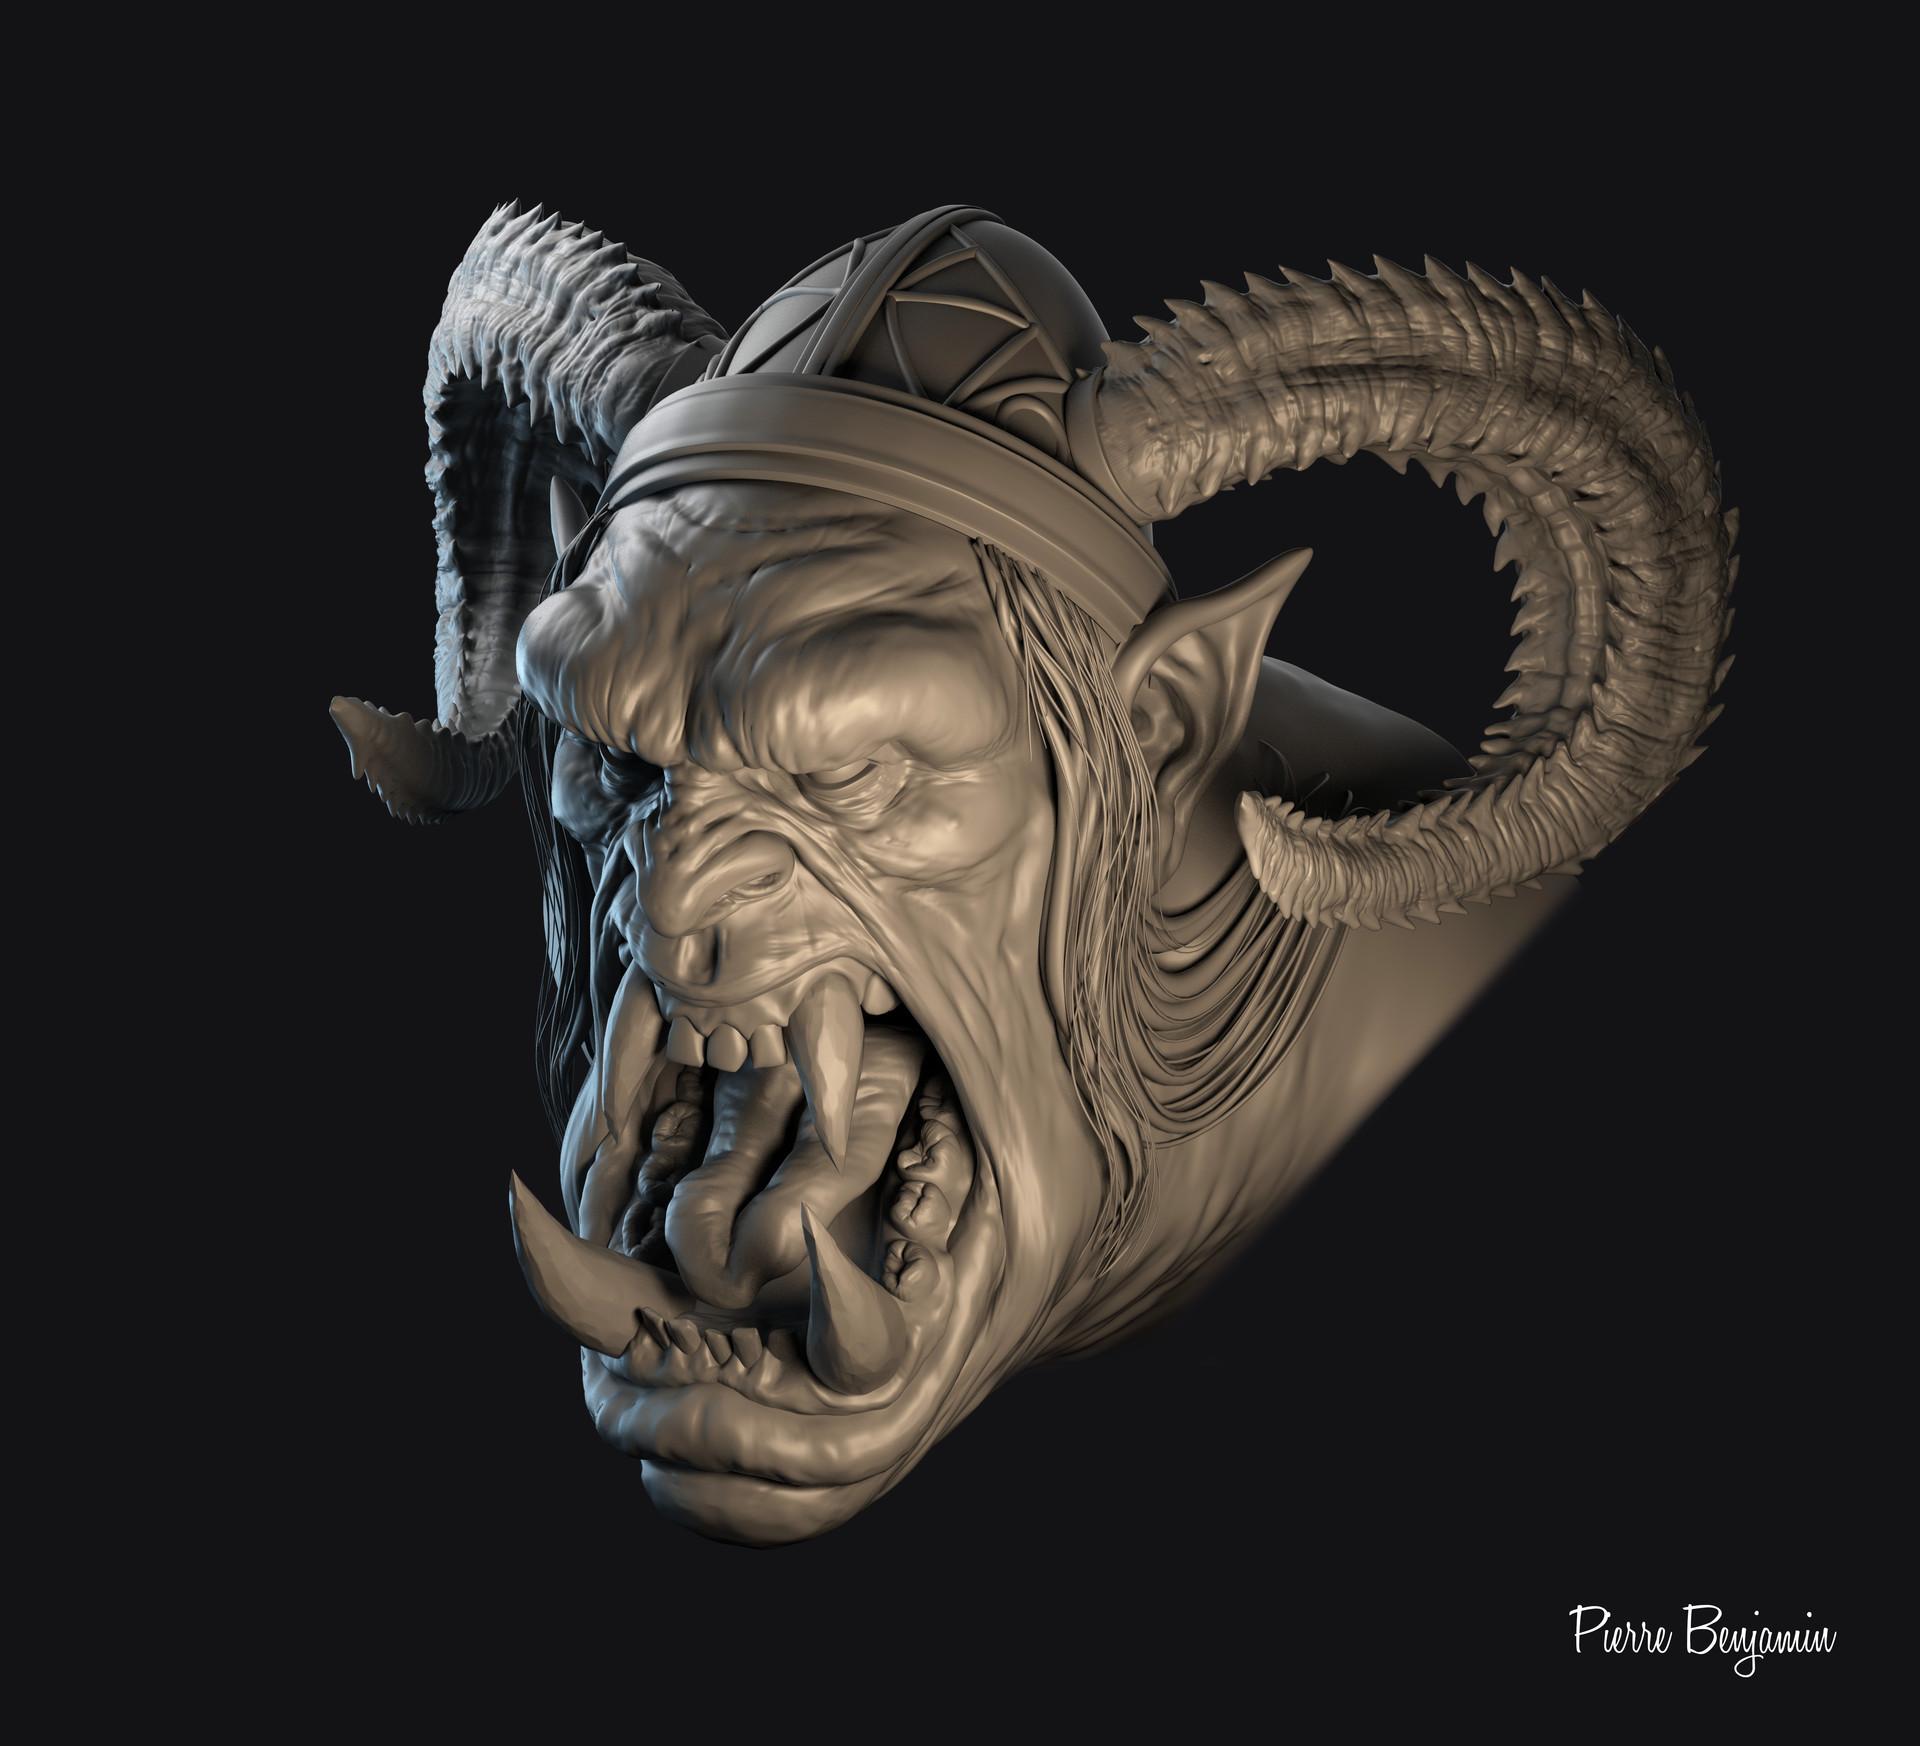 Pierre benjamin orc new render 0003dfdfdfdfd